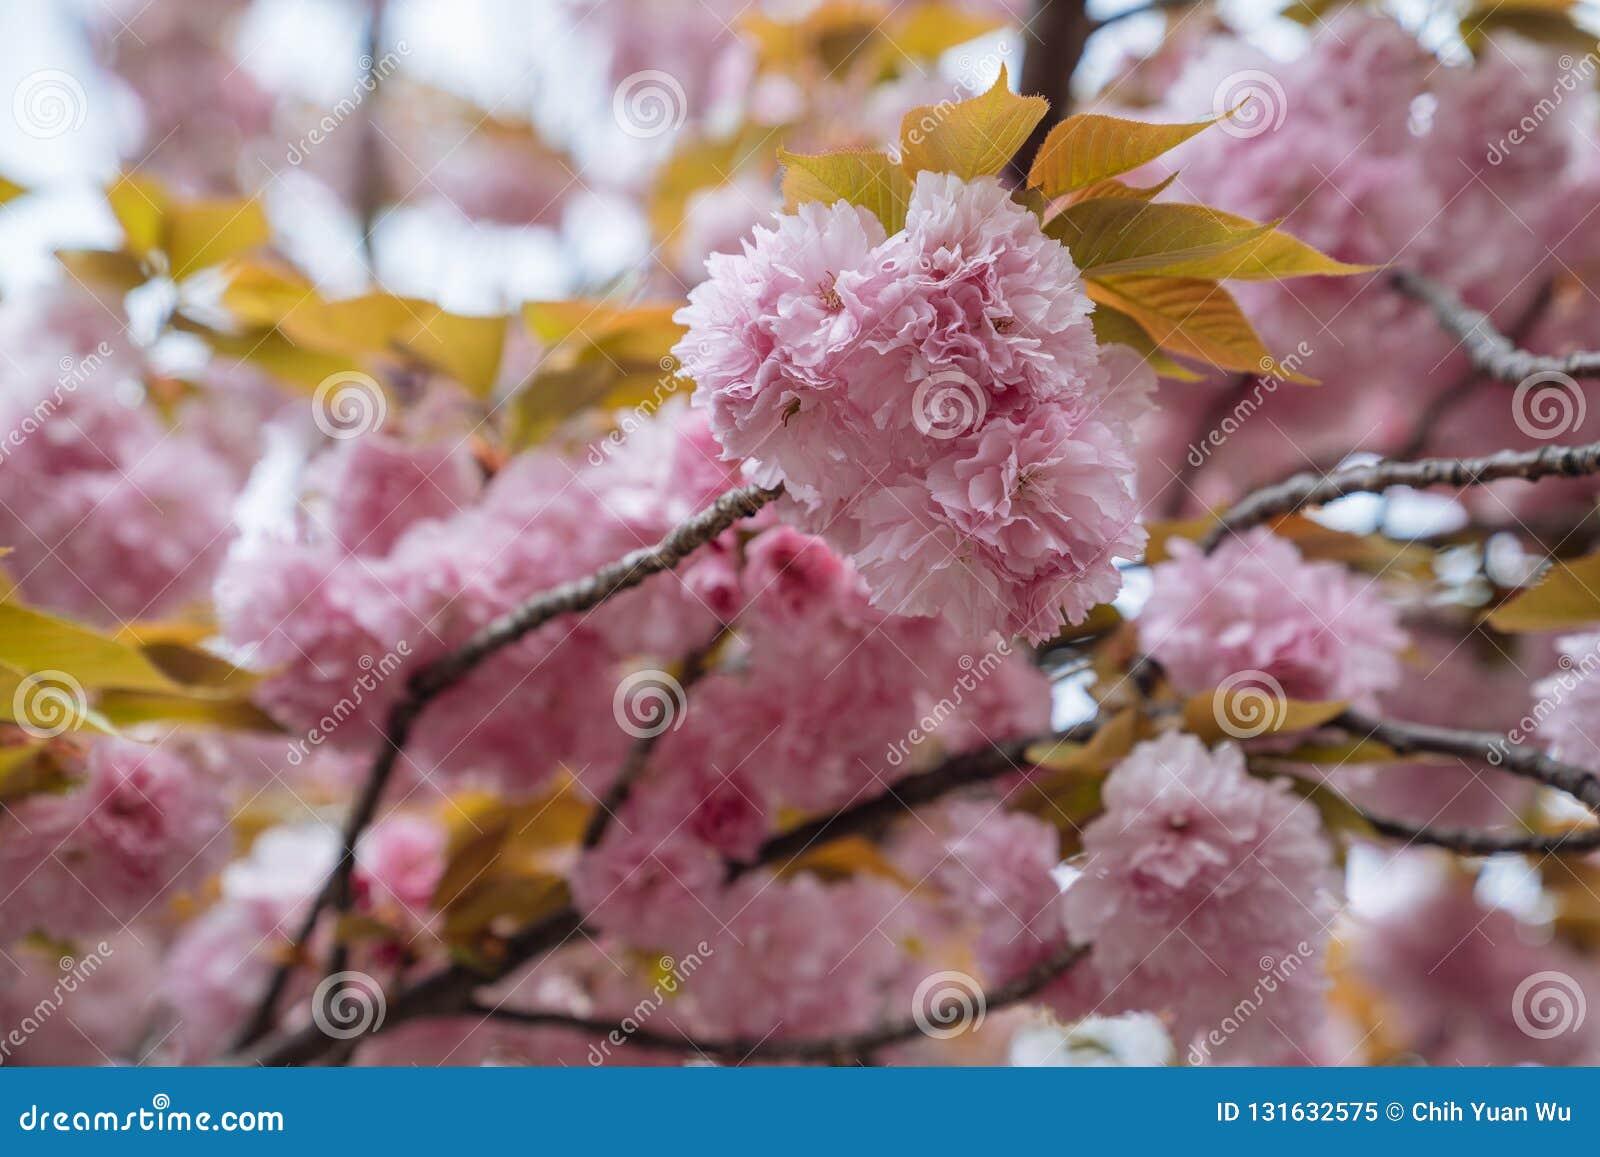 Schließen Sie oben von schönen rosa Kirschblüte-Blumen morgens Kirschblüte mit gelben Blättern auf dem Baum im Frühjahr überrasch